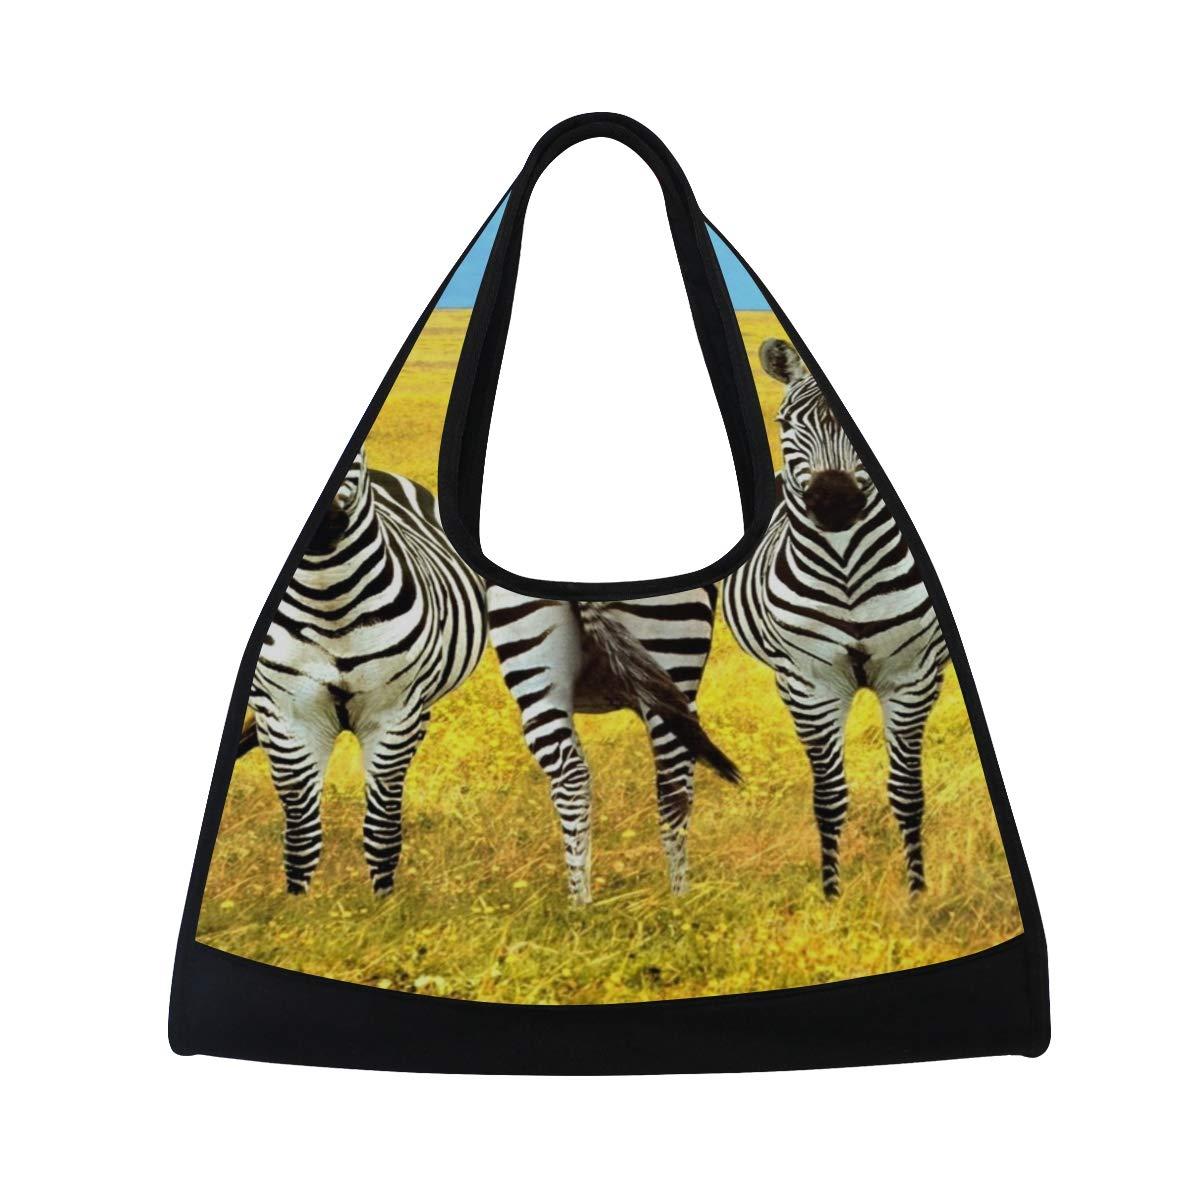 HUVATT ヨガバッグ Zebras Love メンズ キャンプ ダッフルバッグ クロスボディ ショルダー ジム トラベルバッグ 20 x 18.5 x 6.7 inch パターン2 B07HQCXP6K